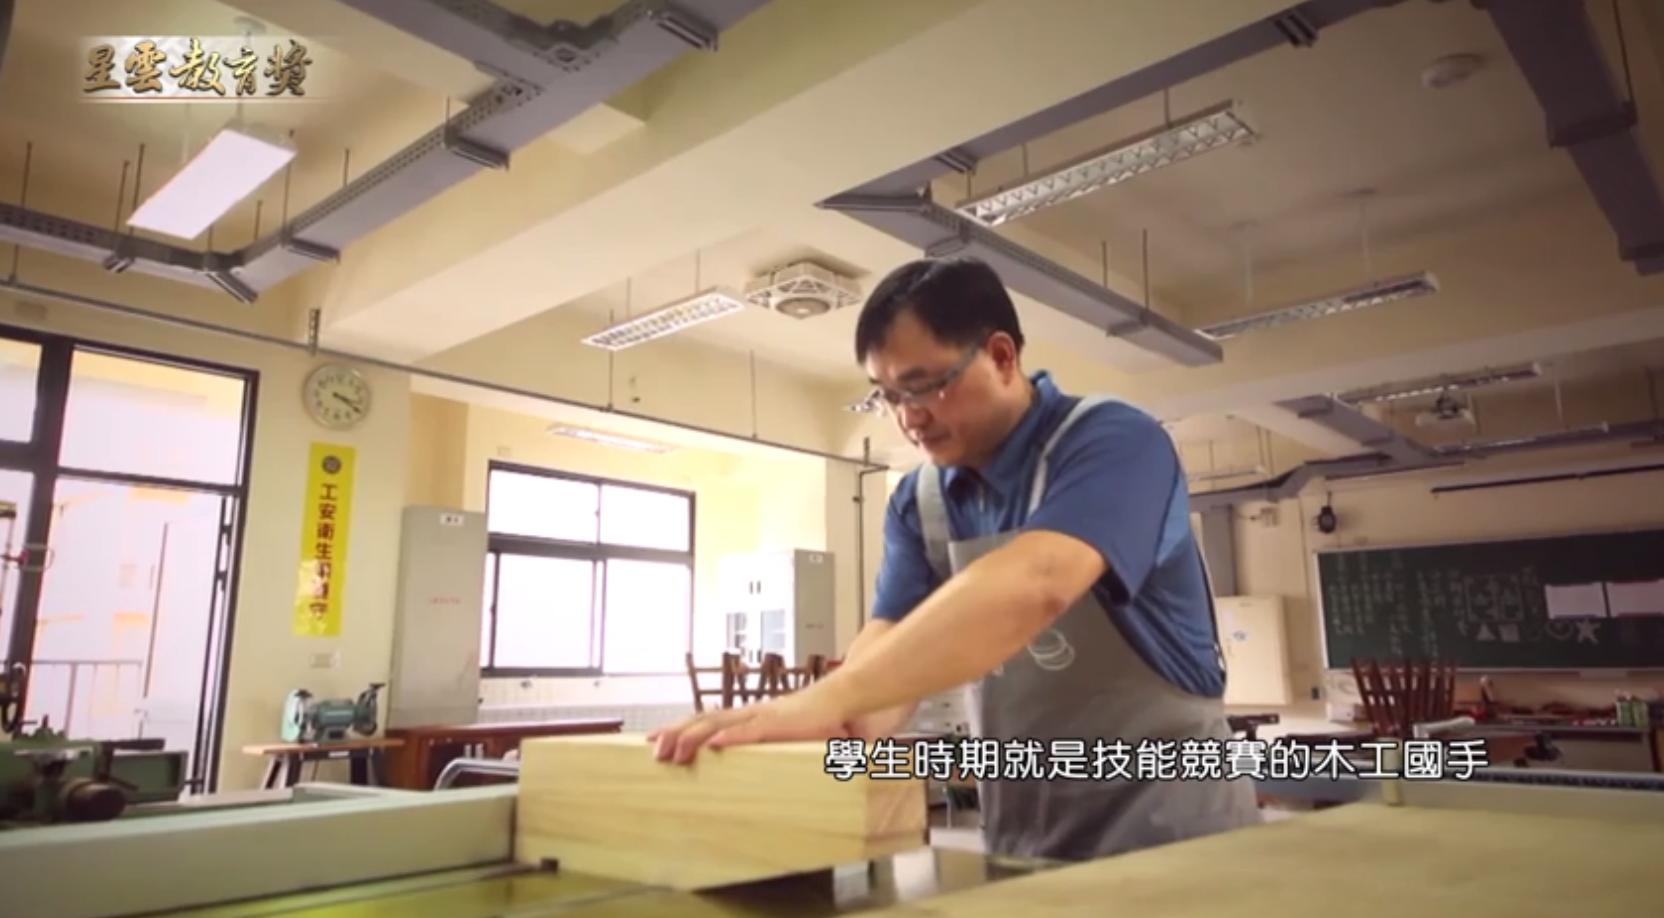 [新聞] 顛覆傳統文憑價值 廖晏鮮老師雕塑技職達人